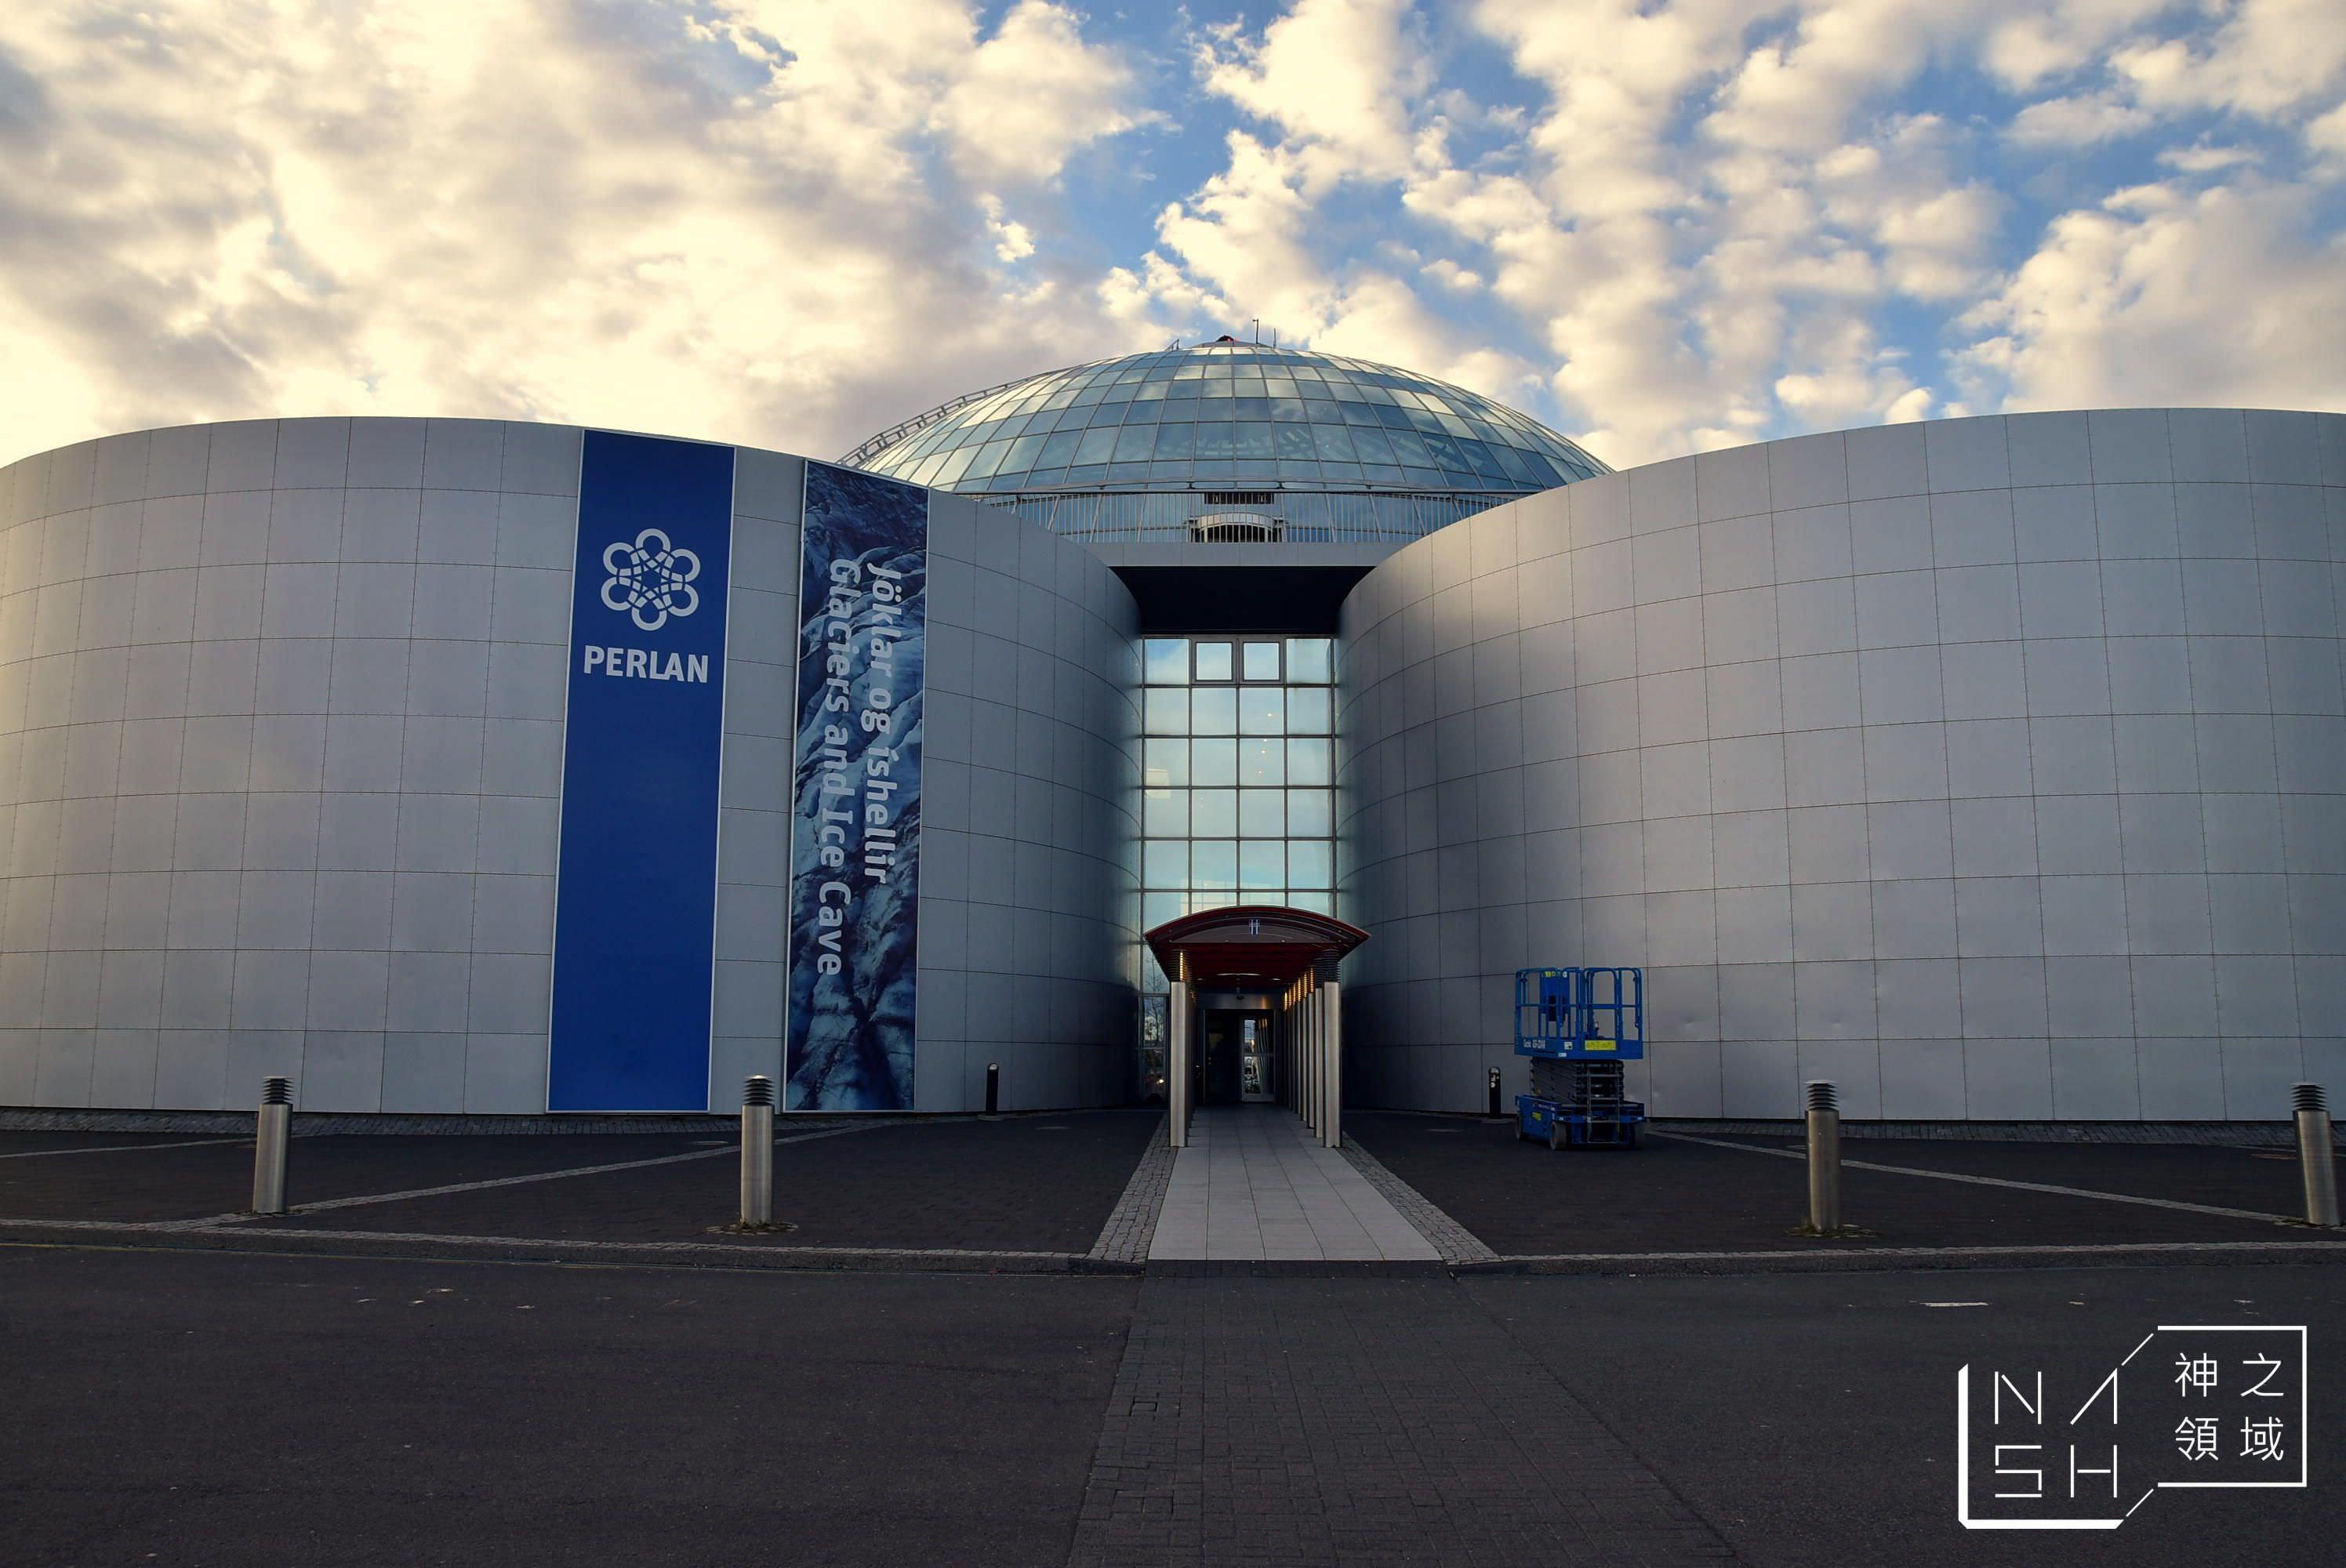 冰島自由行環島景點推薦,perlan,珍珠樓,雷克雅維克景點推薦 @Nash,神之領域